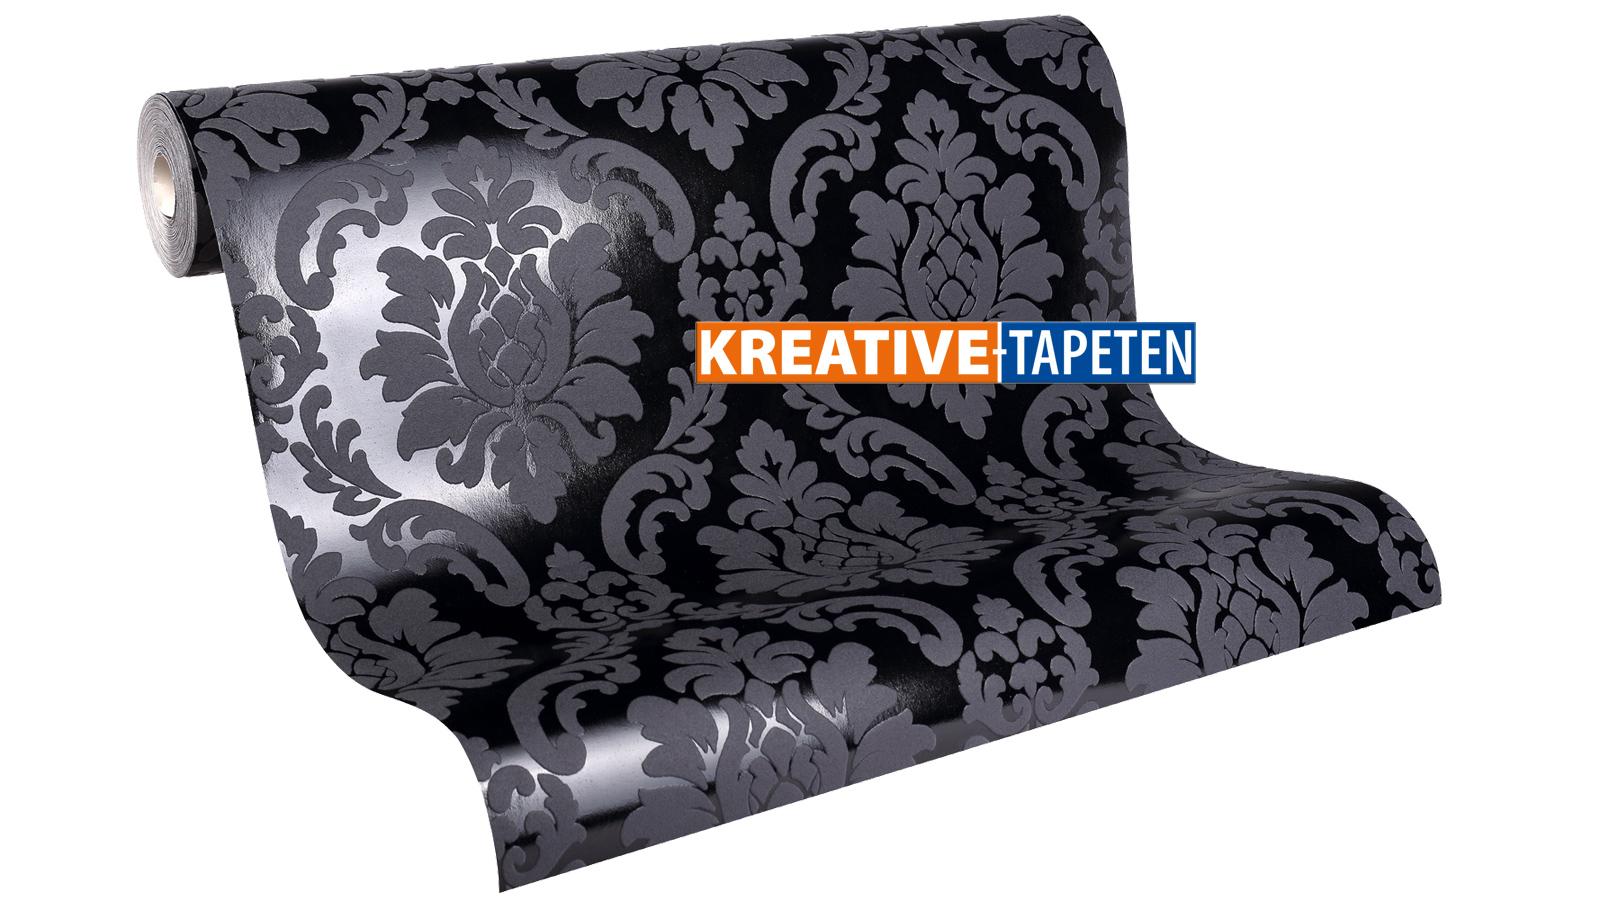 stilvolle tapeten schwarz wei bild erindzain. Black Bedroom Furniture Sets. Home Design Ideas